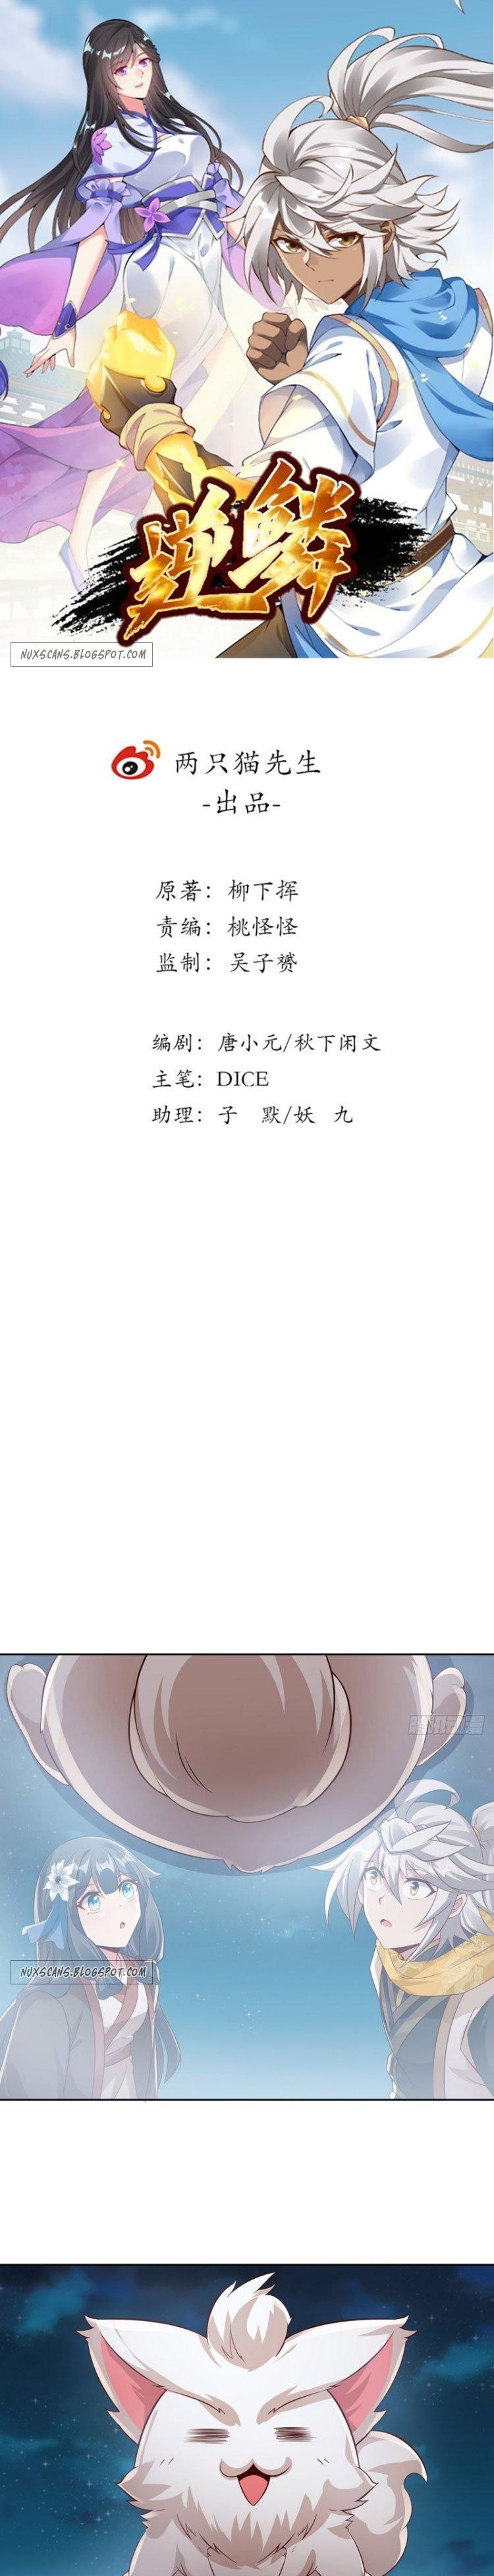 Manga Inverse Scale - Chapter 112 Page 1